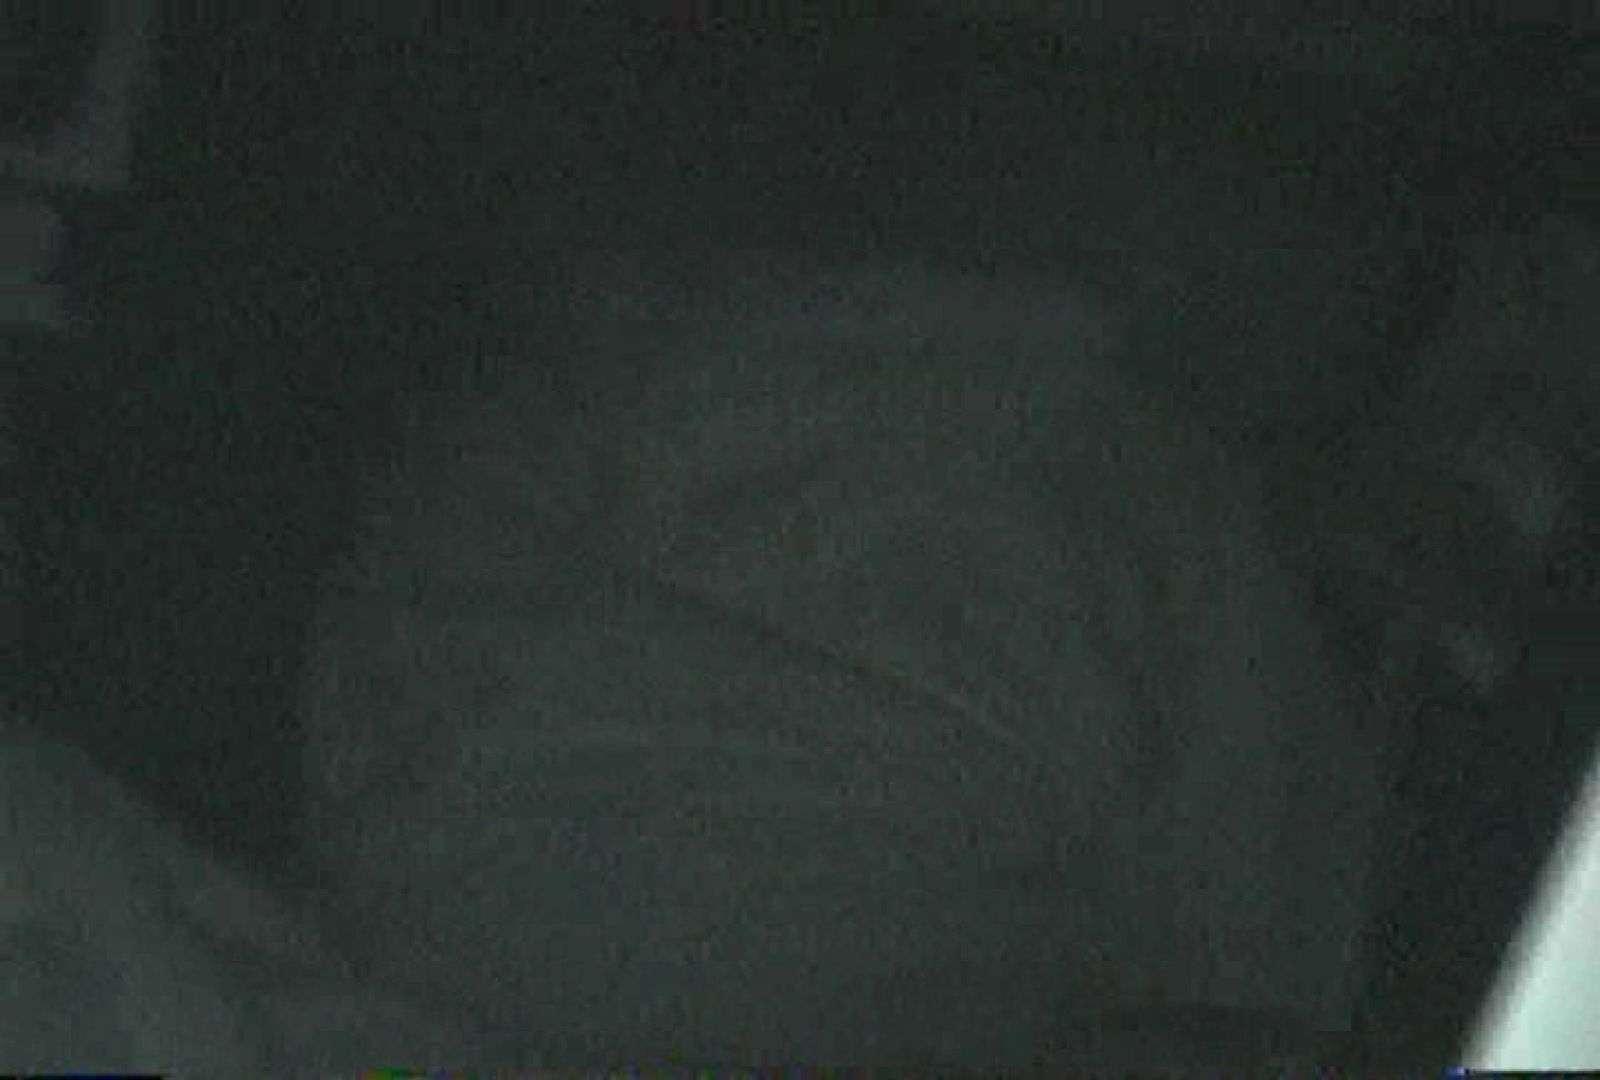 充血監督の深夜の運動会Vol.113 エロティックなOL | エッチなセックス  81画像 7